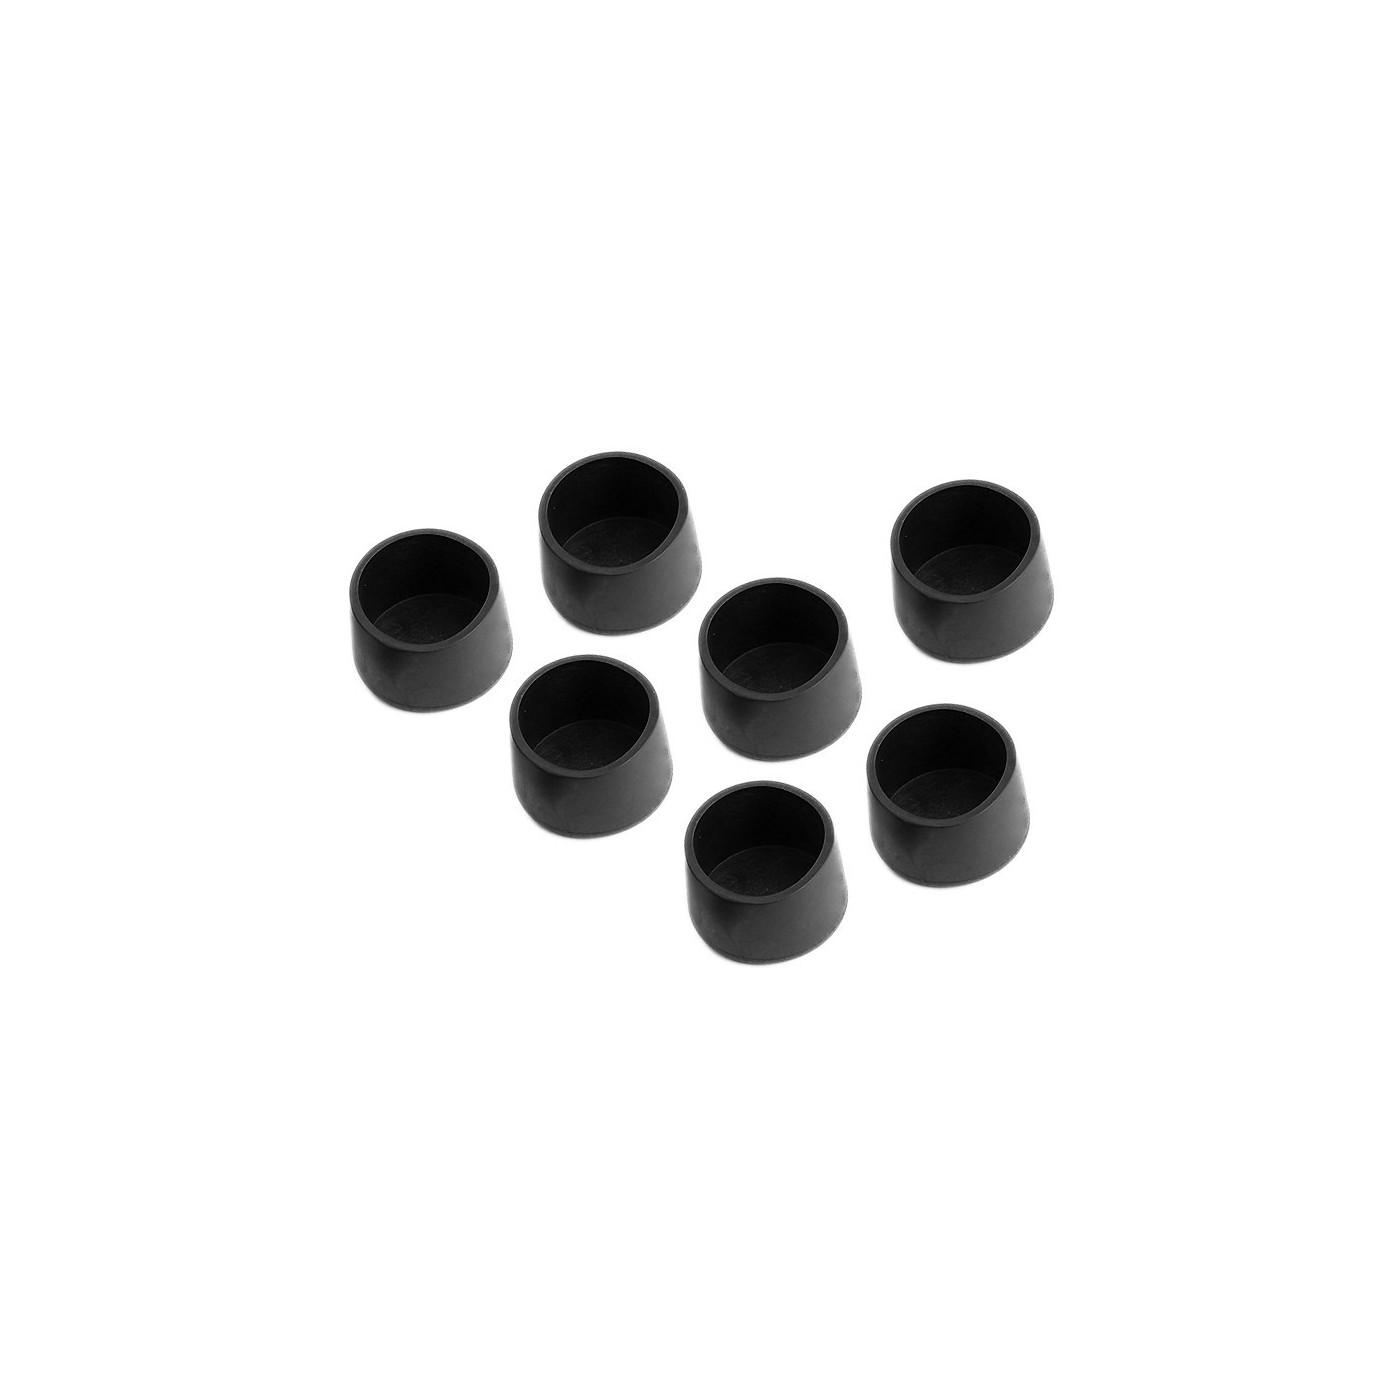 Set von 32 silikonkappen (Außenkappe, rund, 50 mm, schwarz) [O-RO-50-B]  - 1